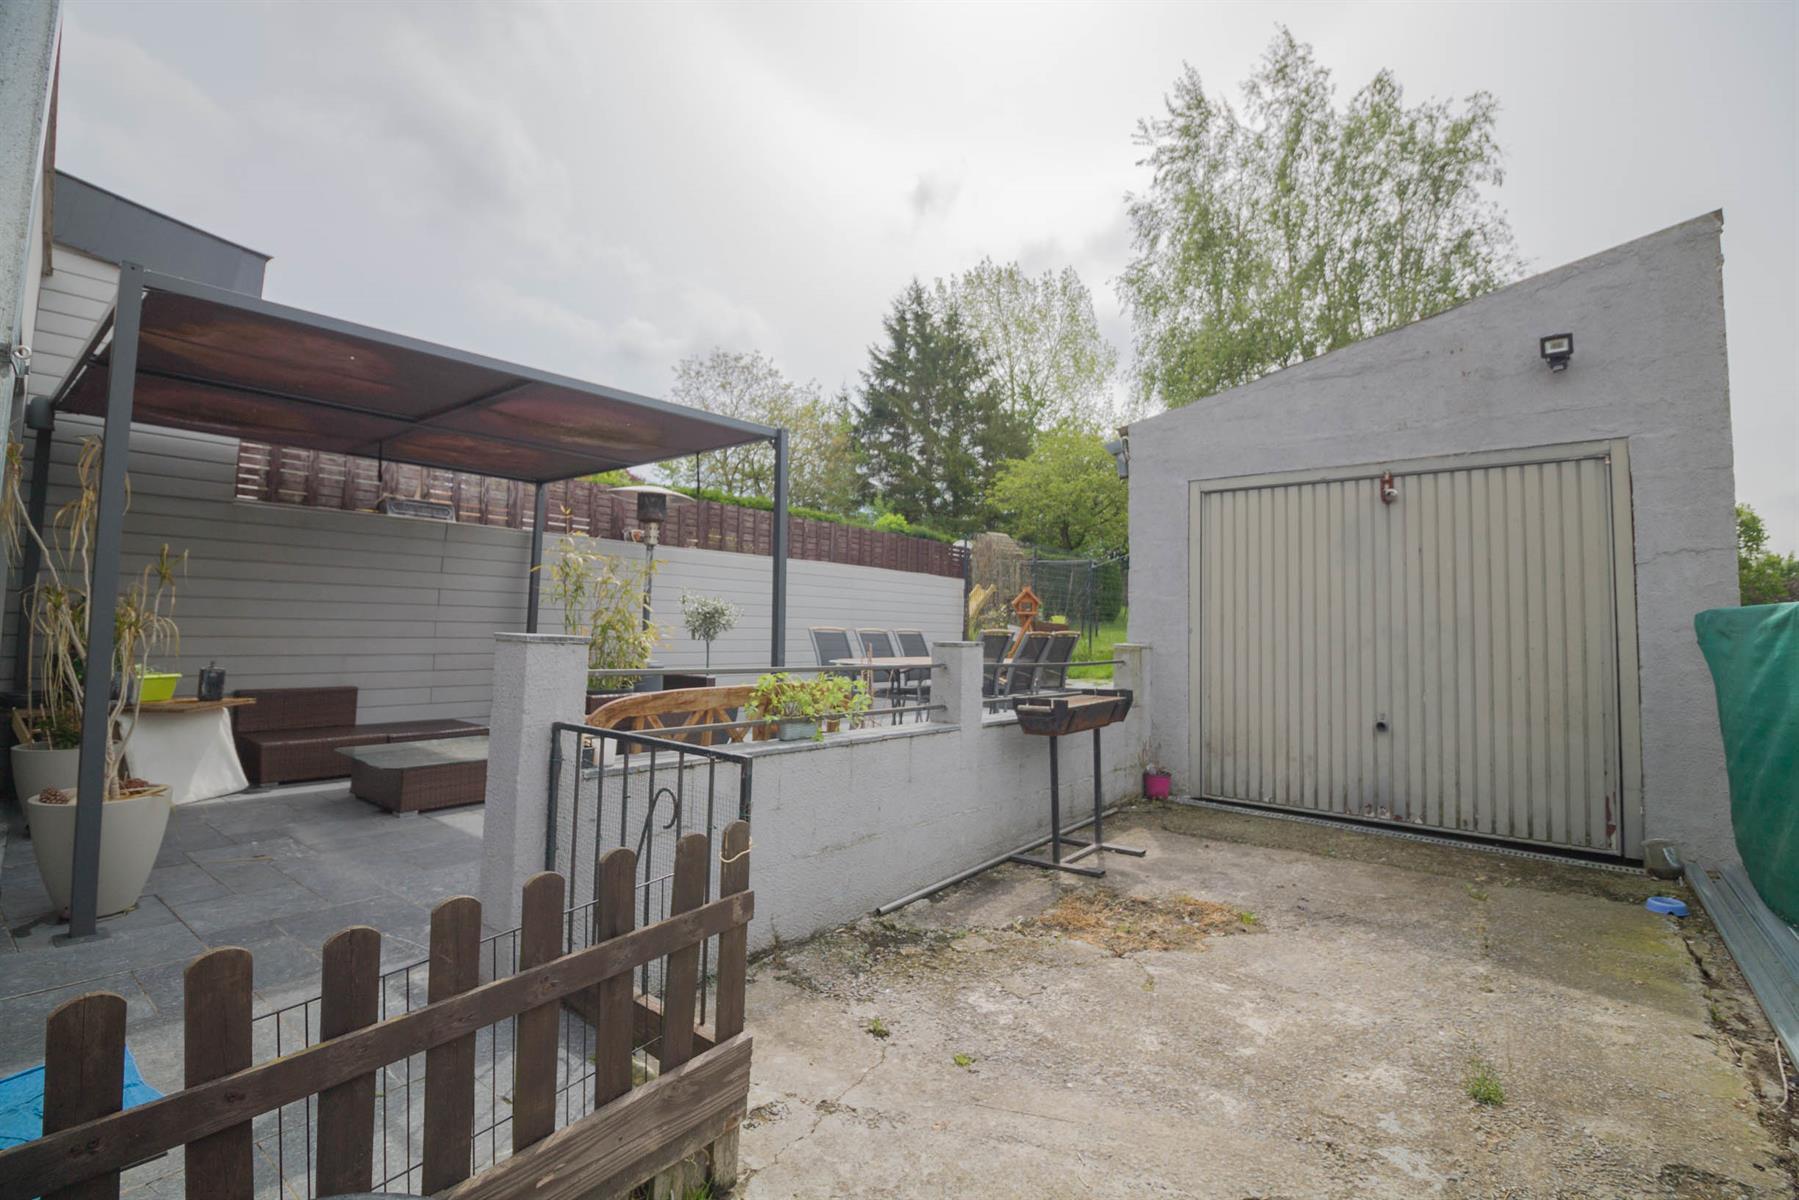 Maison - Forchies-la-Marche - #4381660-24